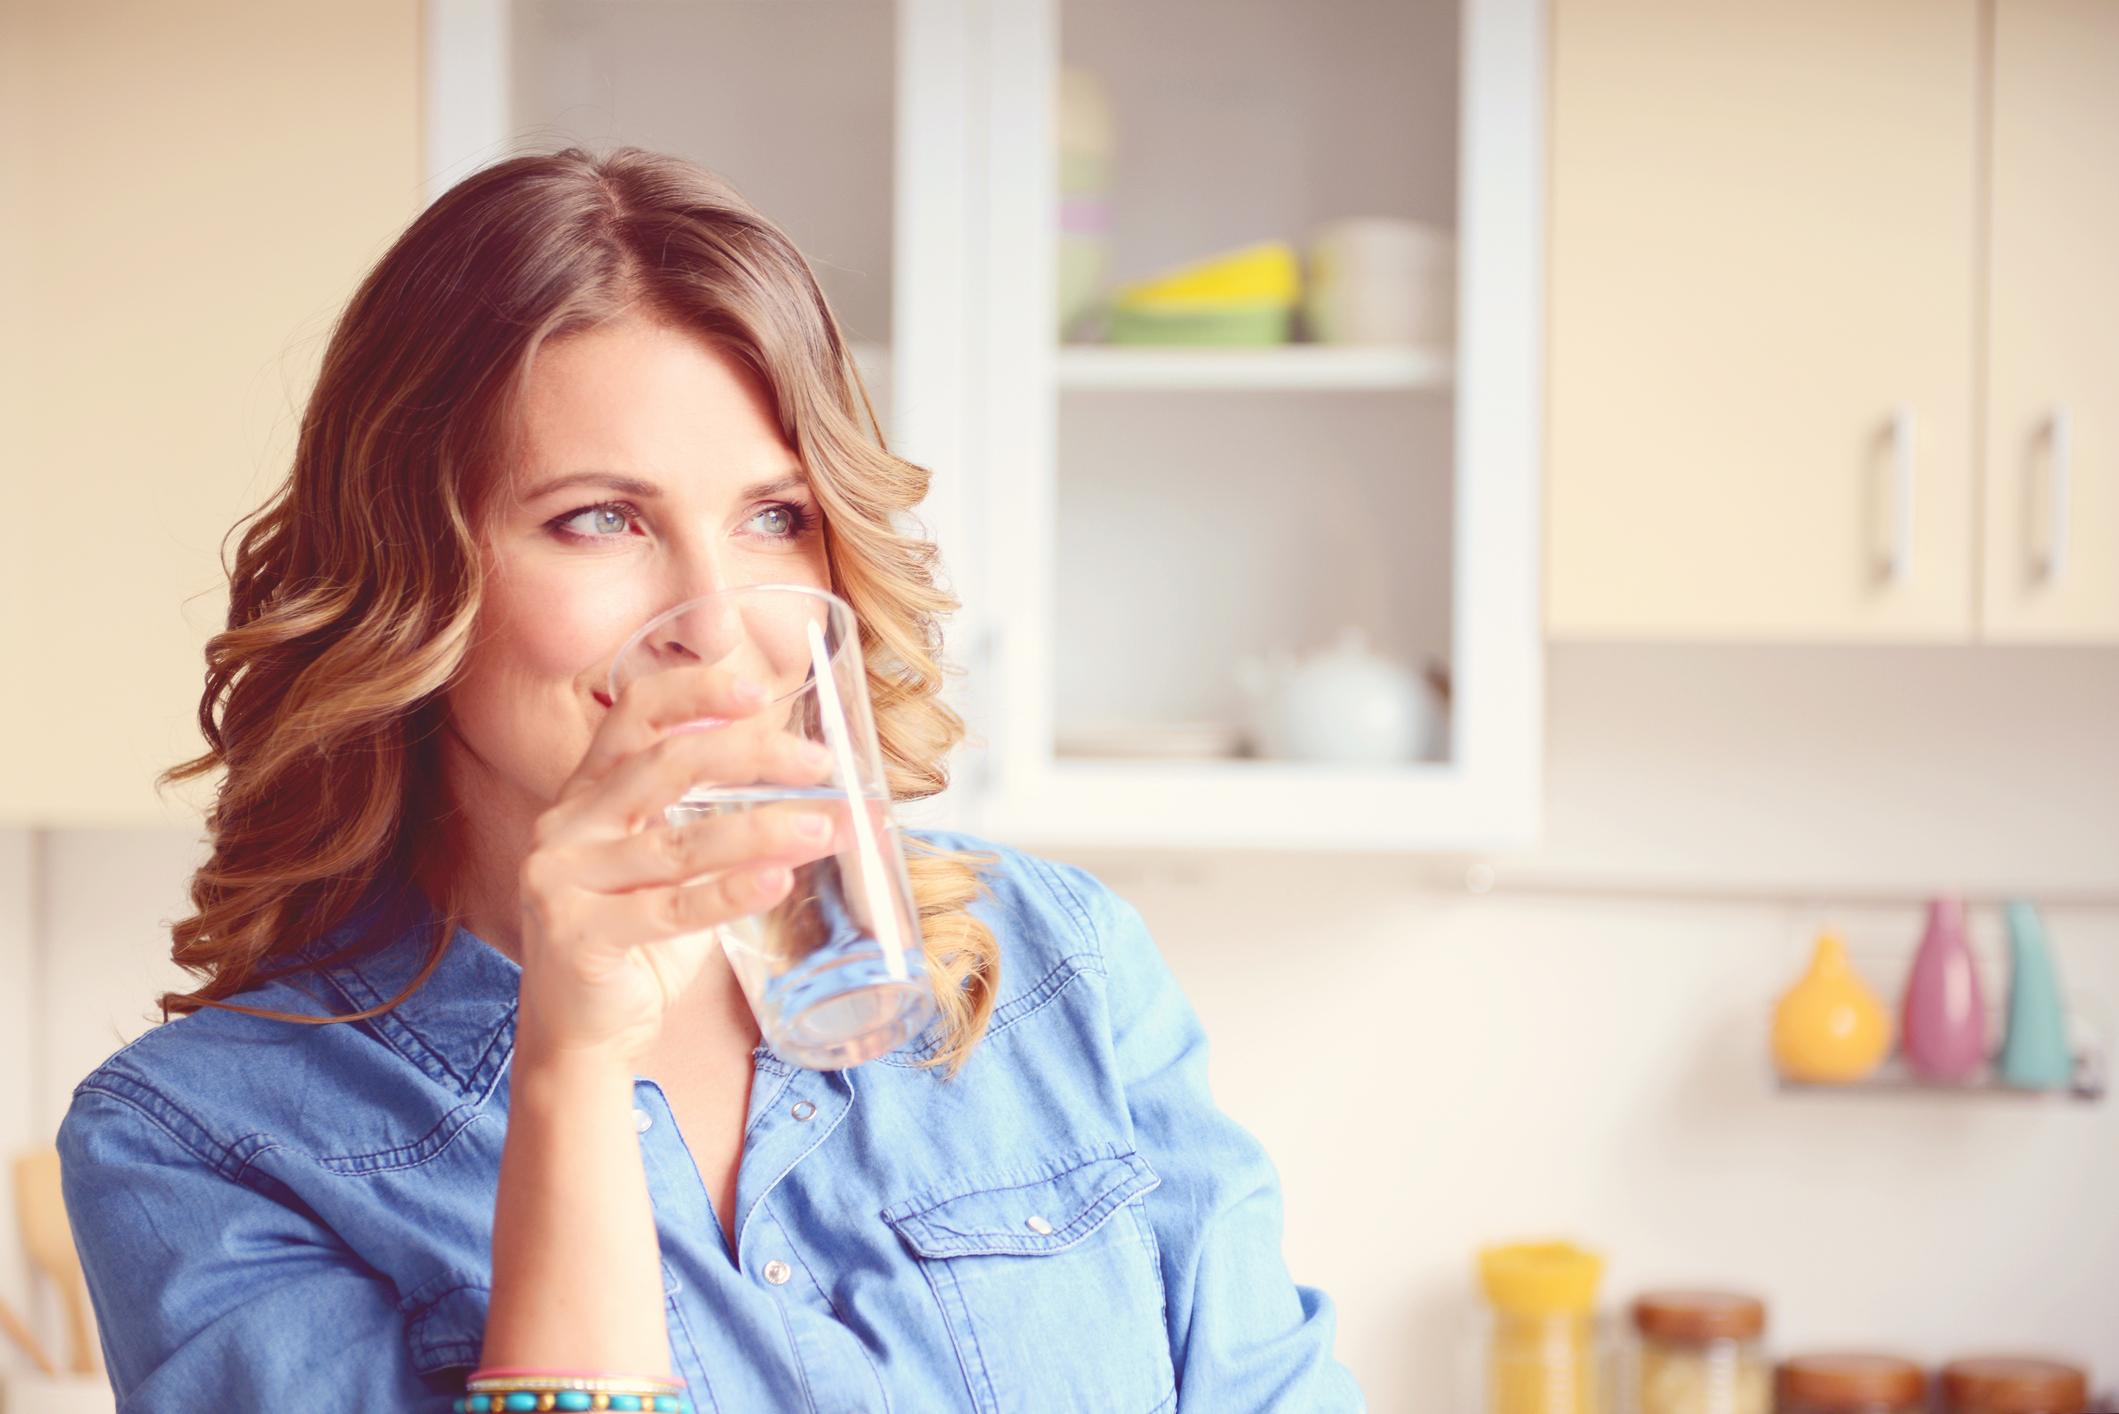 Alkali su içerek yaşlanmayı geciktirin